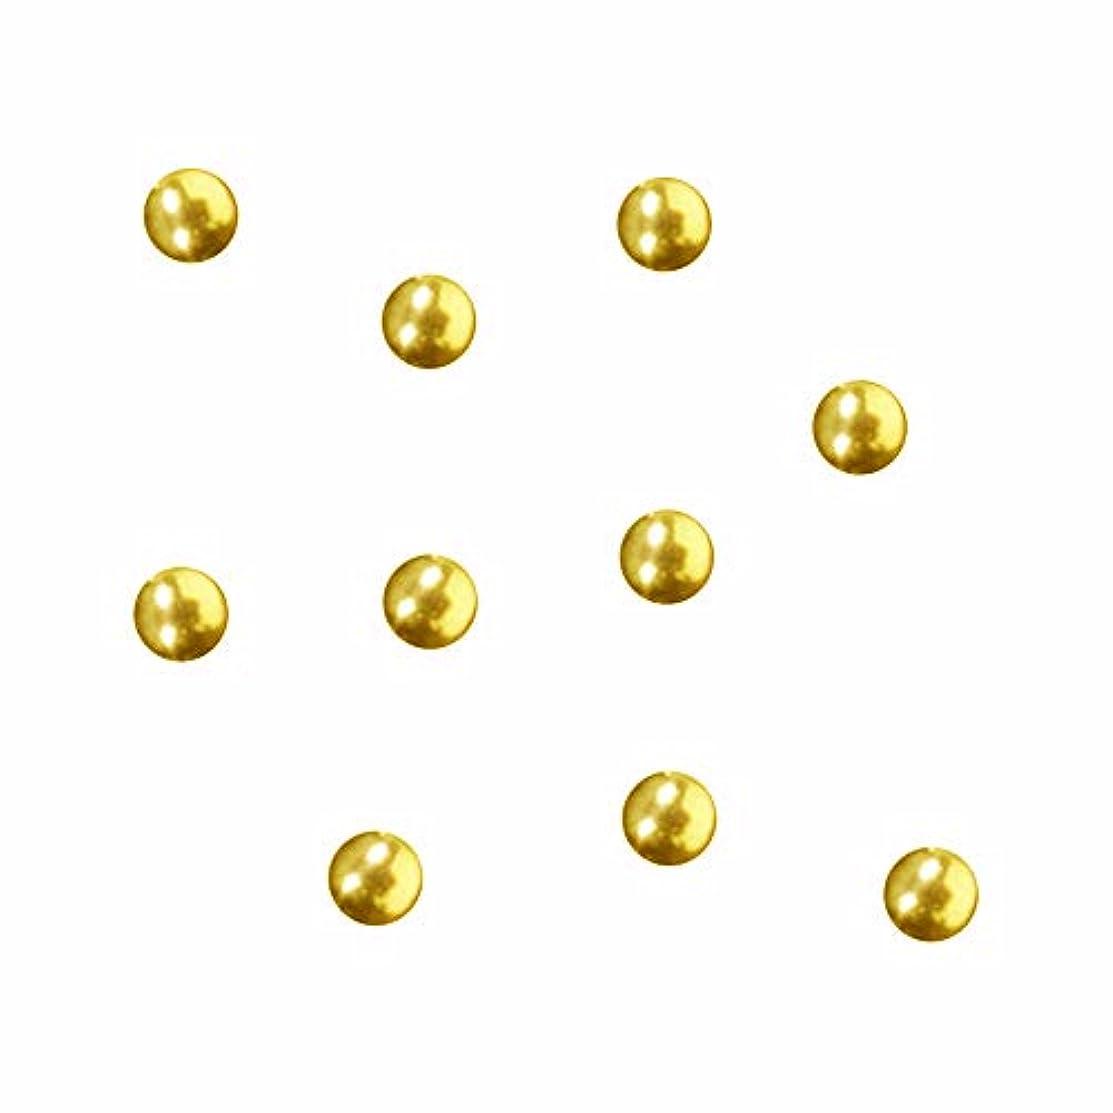 アイザック住む経済SWAROVSKI (スワロフスキー)ラウンドメタル ゴールド 2.0mm 50P